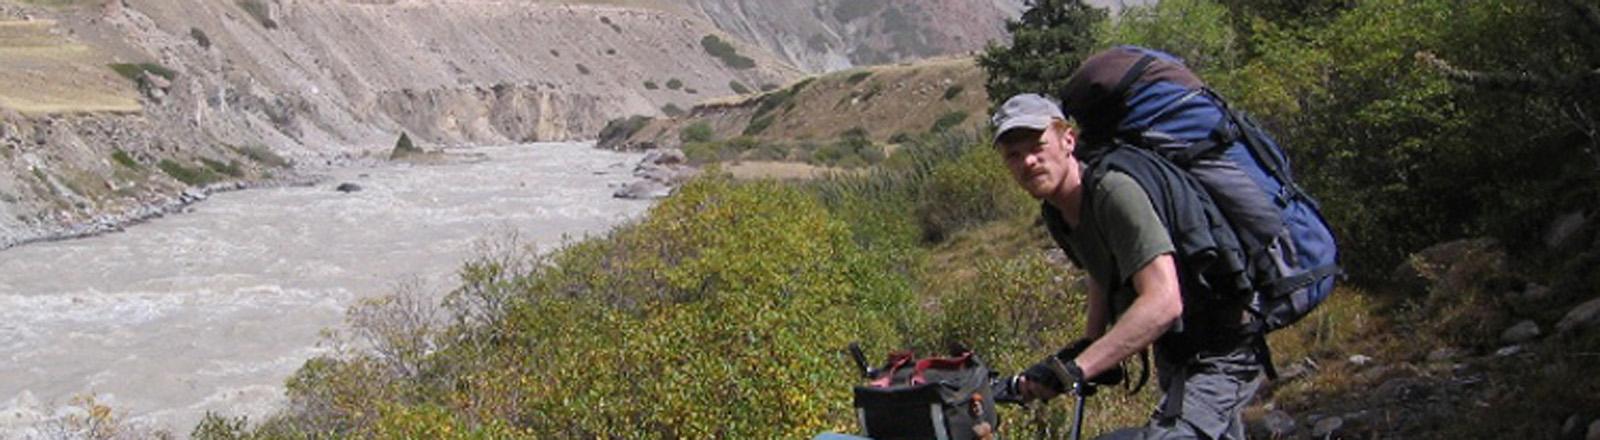 Richard Löwenherz mit dem Fahrrad in Kirgistan.